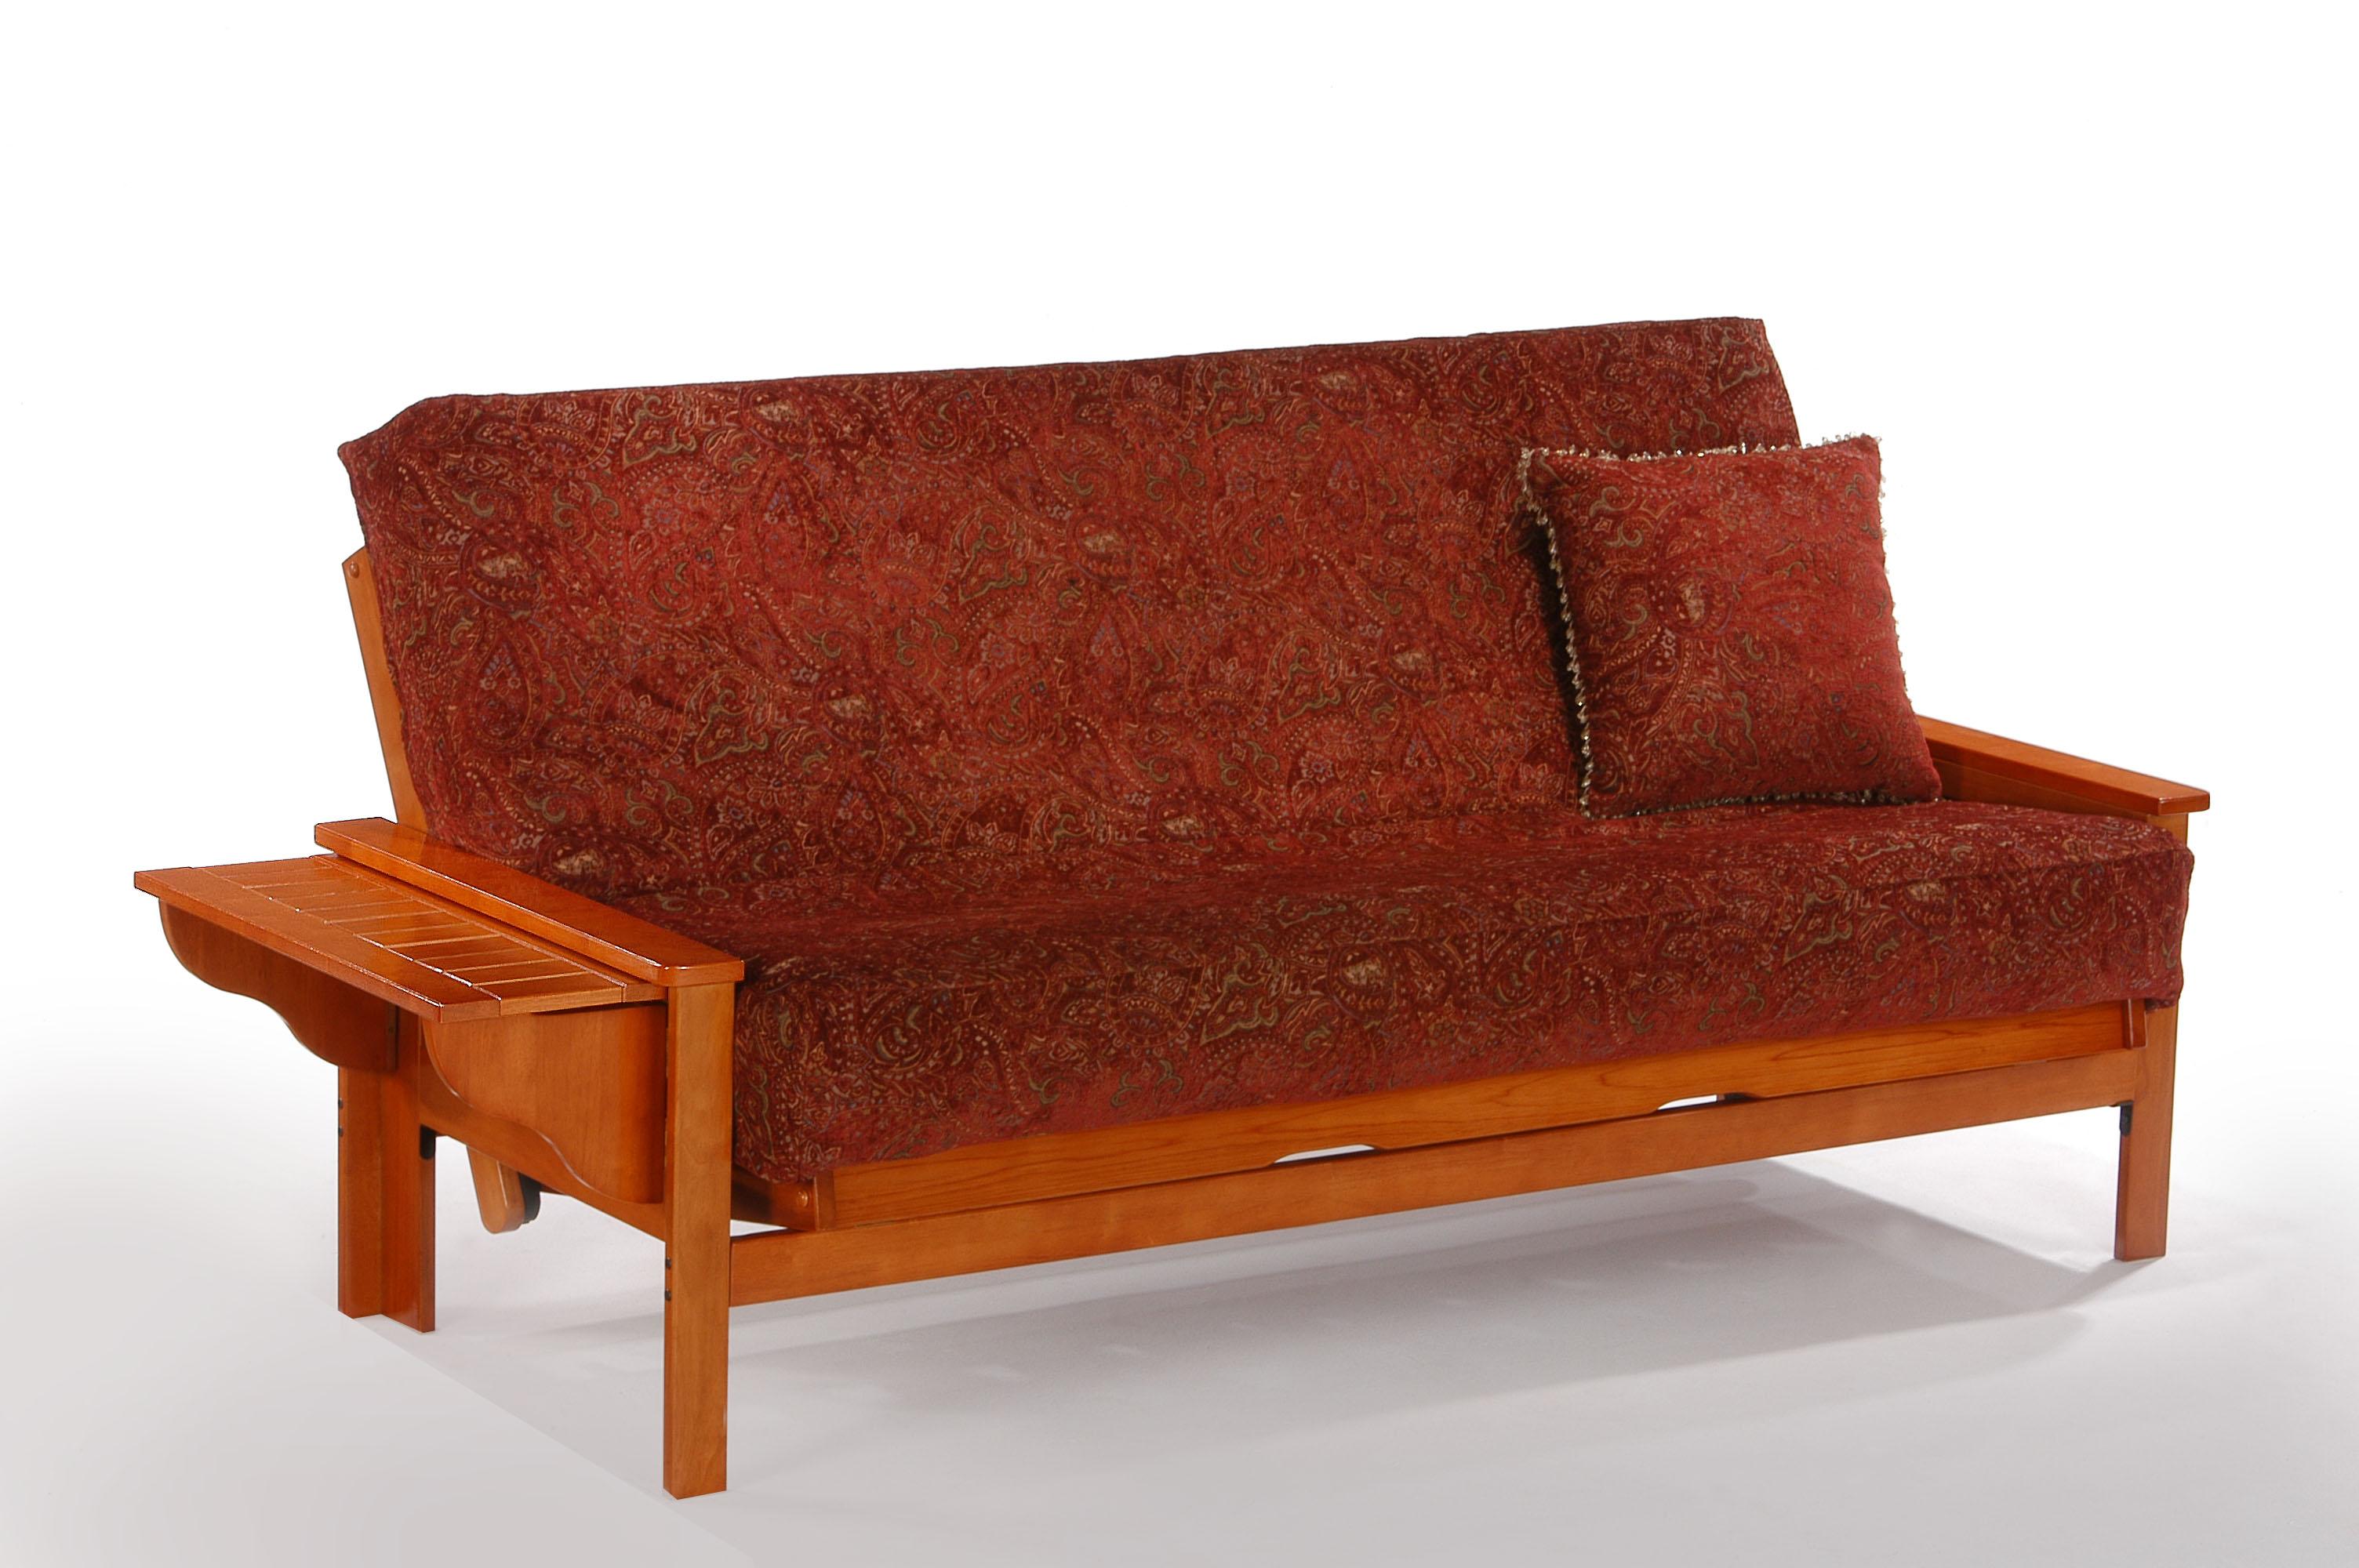 dhp allegra pillow top futon sofa bed karlstad cover velvet cheapest futons online roselawnlutheran